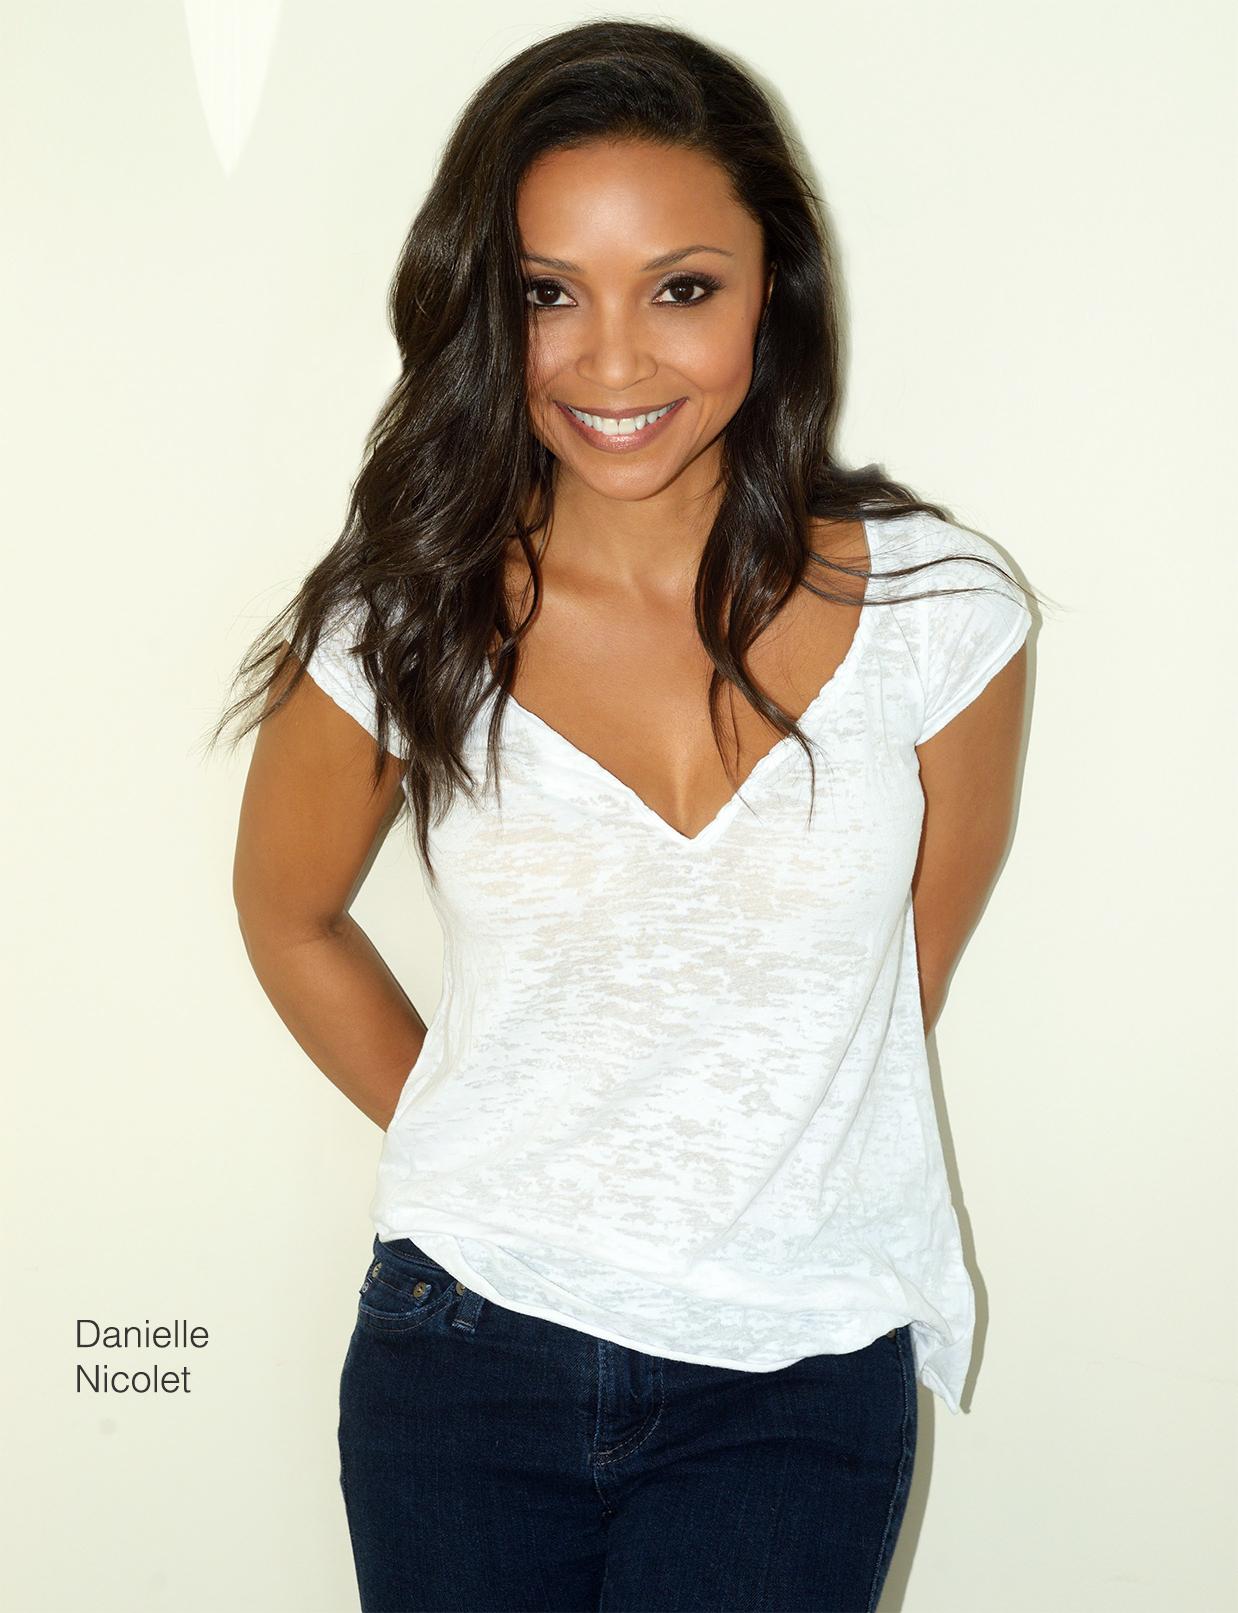 Danielle Nicolet June 2013.jpg